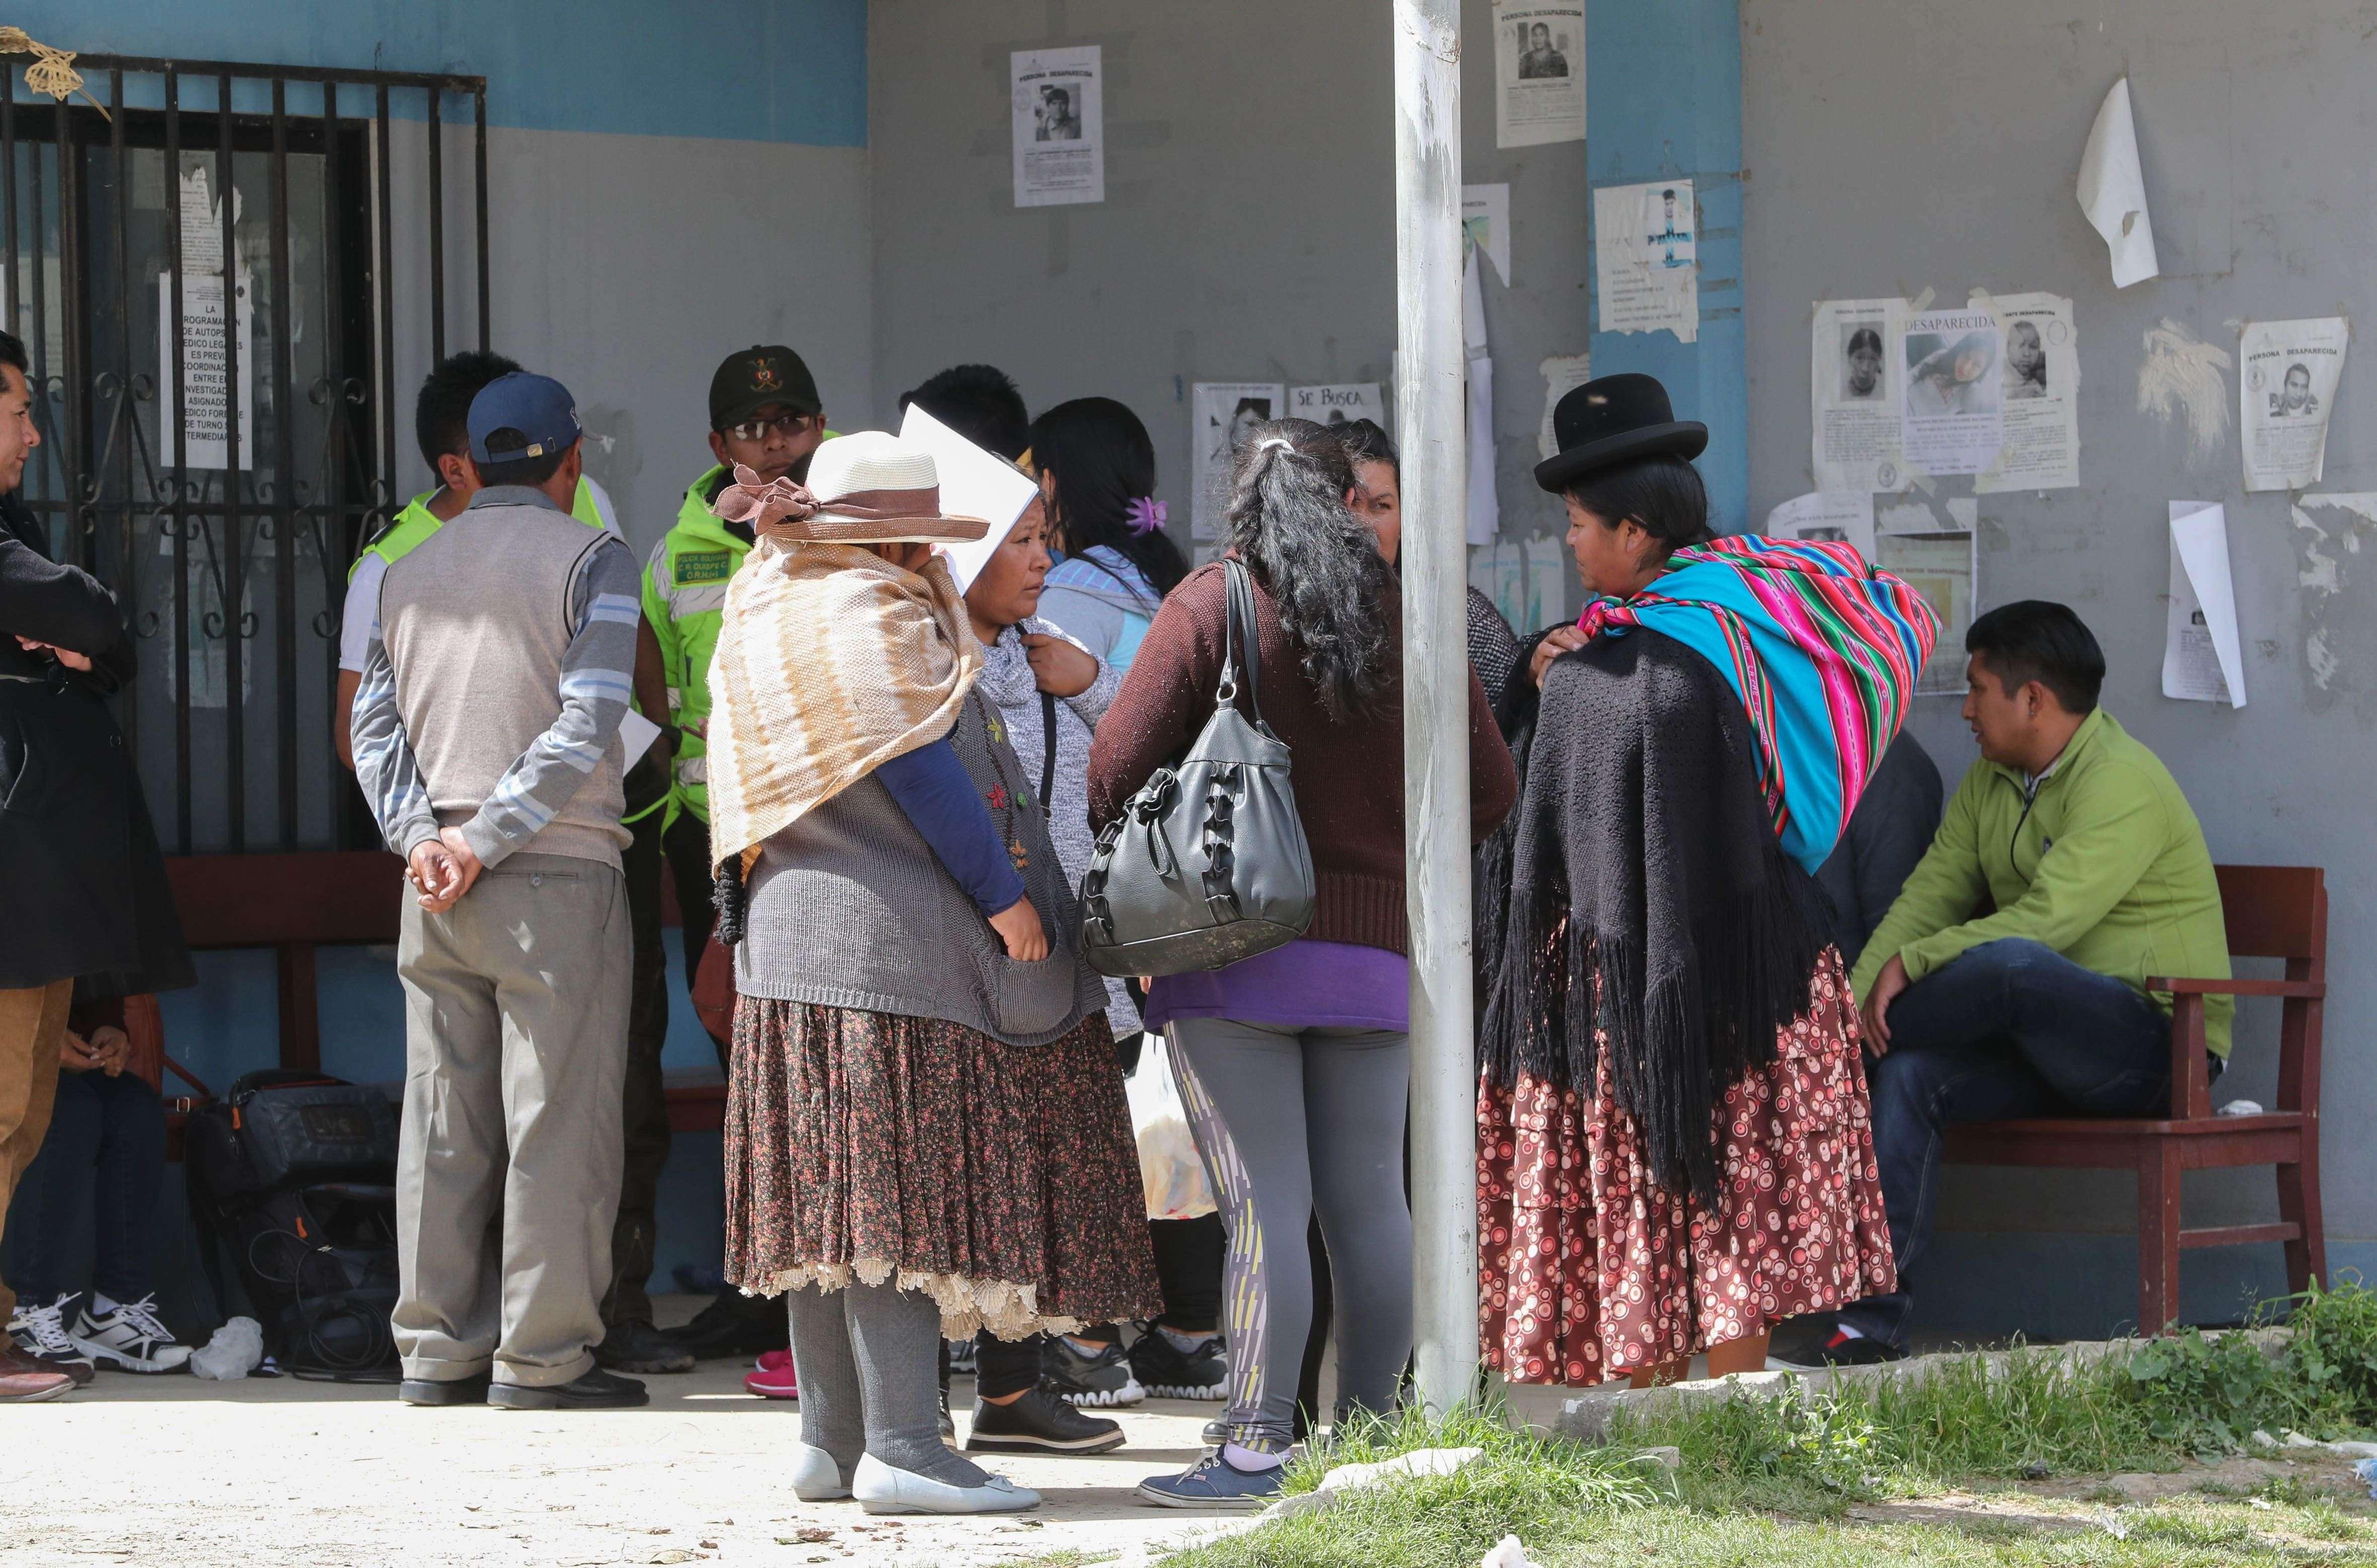 Familiares de las víctimas esperan fuera de la morgue del Hospital de Clínicas de La Paz (Bolivia).